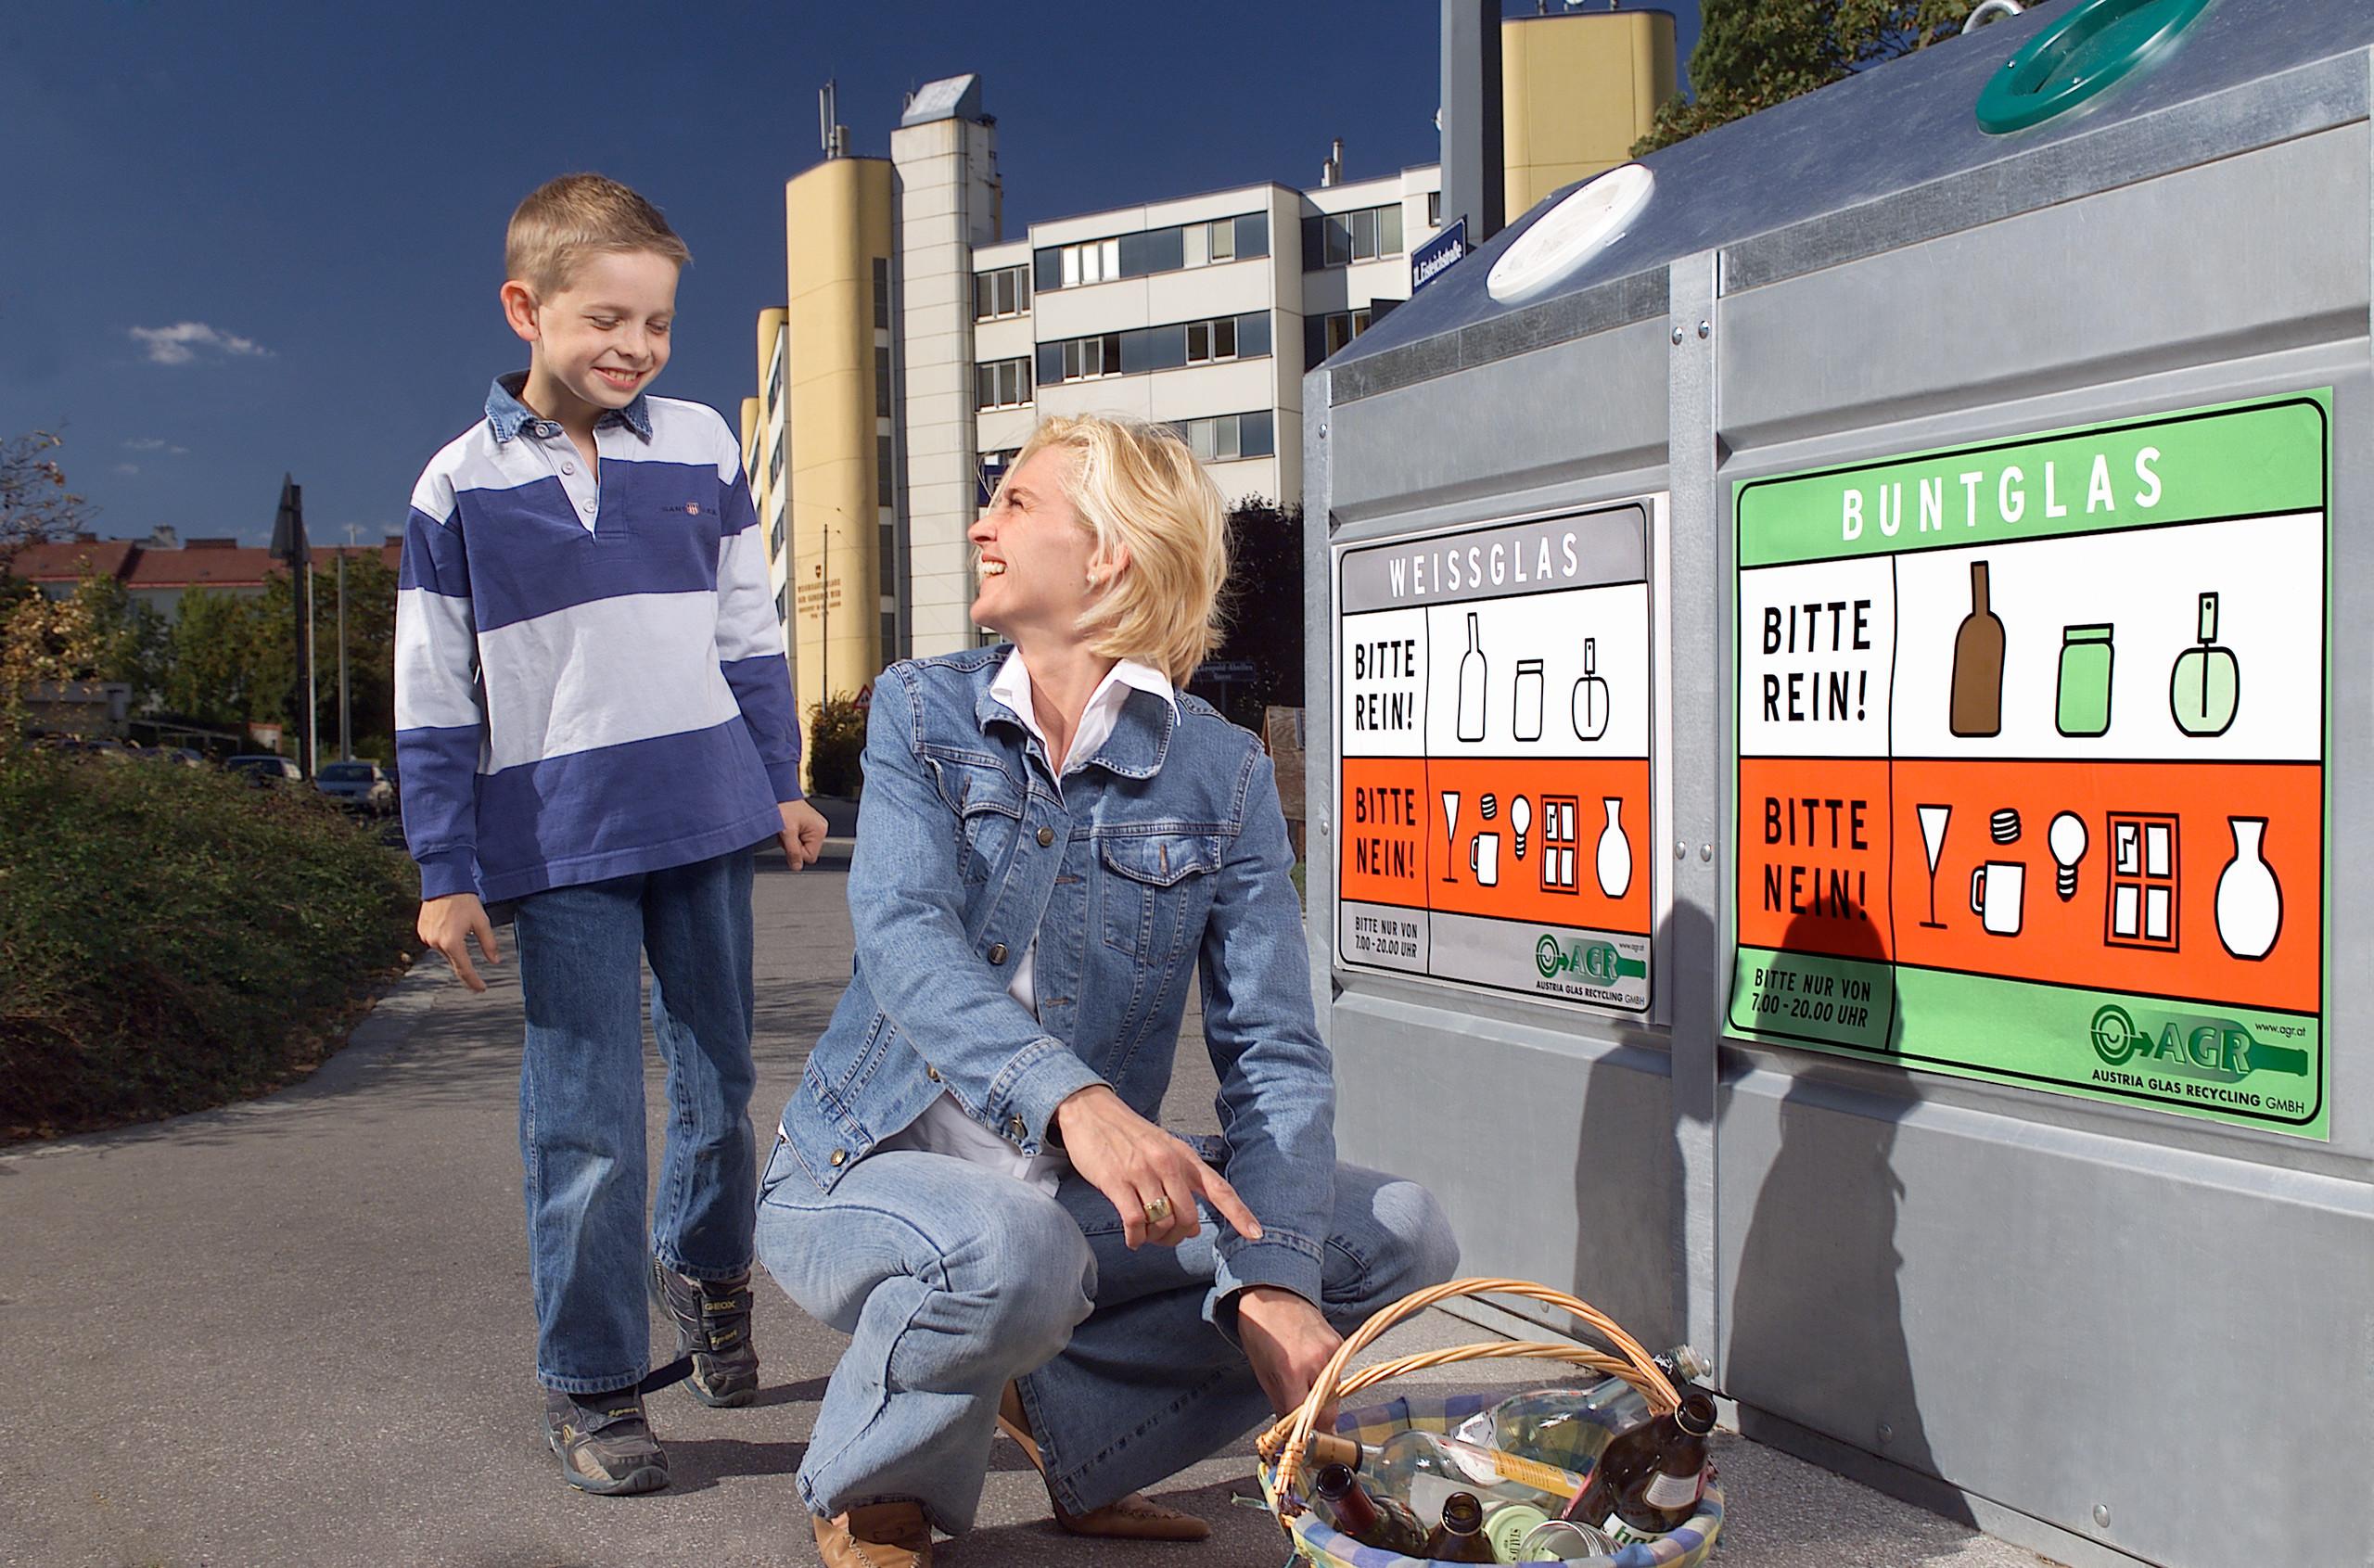 Eine Frau hockt vor einem Altglassammelbehälter neben einem Korb voll Glasverpackungen. Sie wendet sich einem Kind zu, das ihr über die Schulter auf den Korb mit Glasverpackungen blickt. Es scheint, sie erklärt dem Kind etwas.